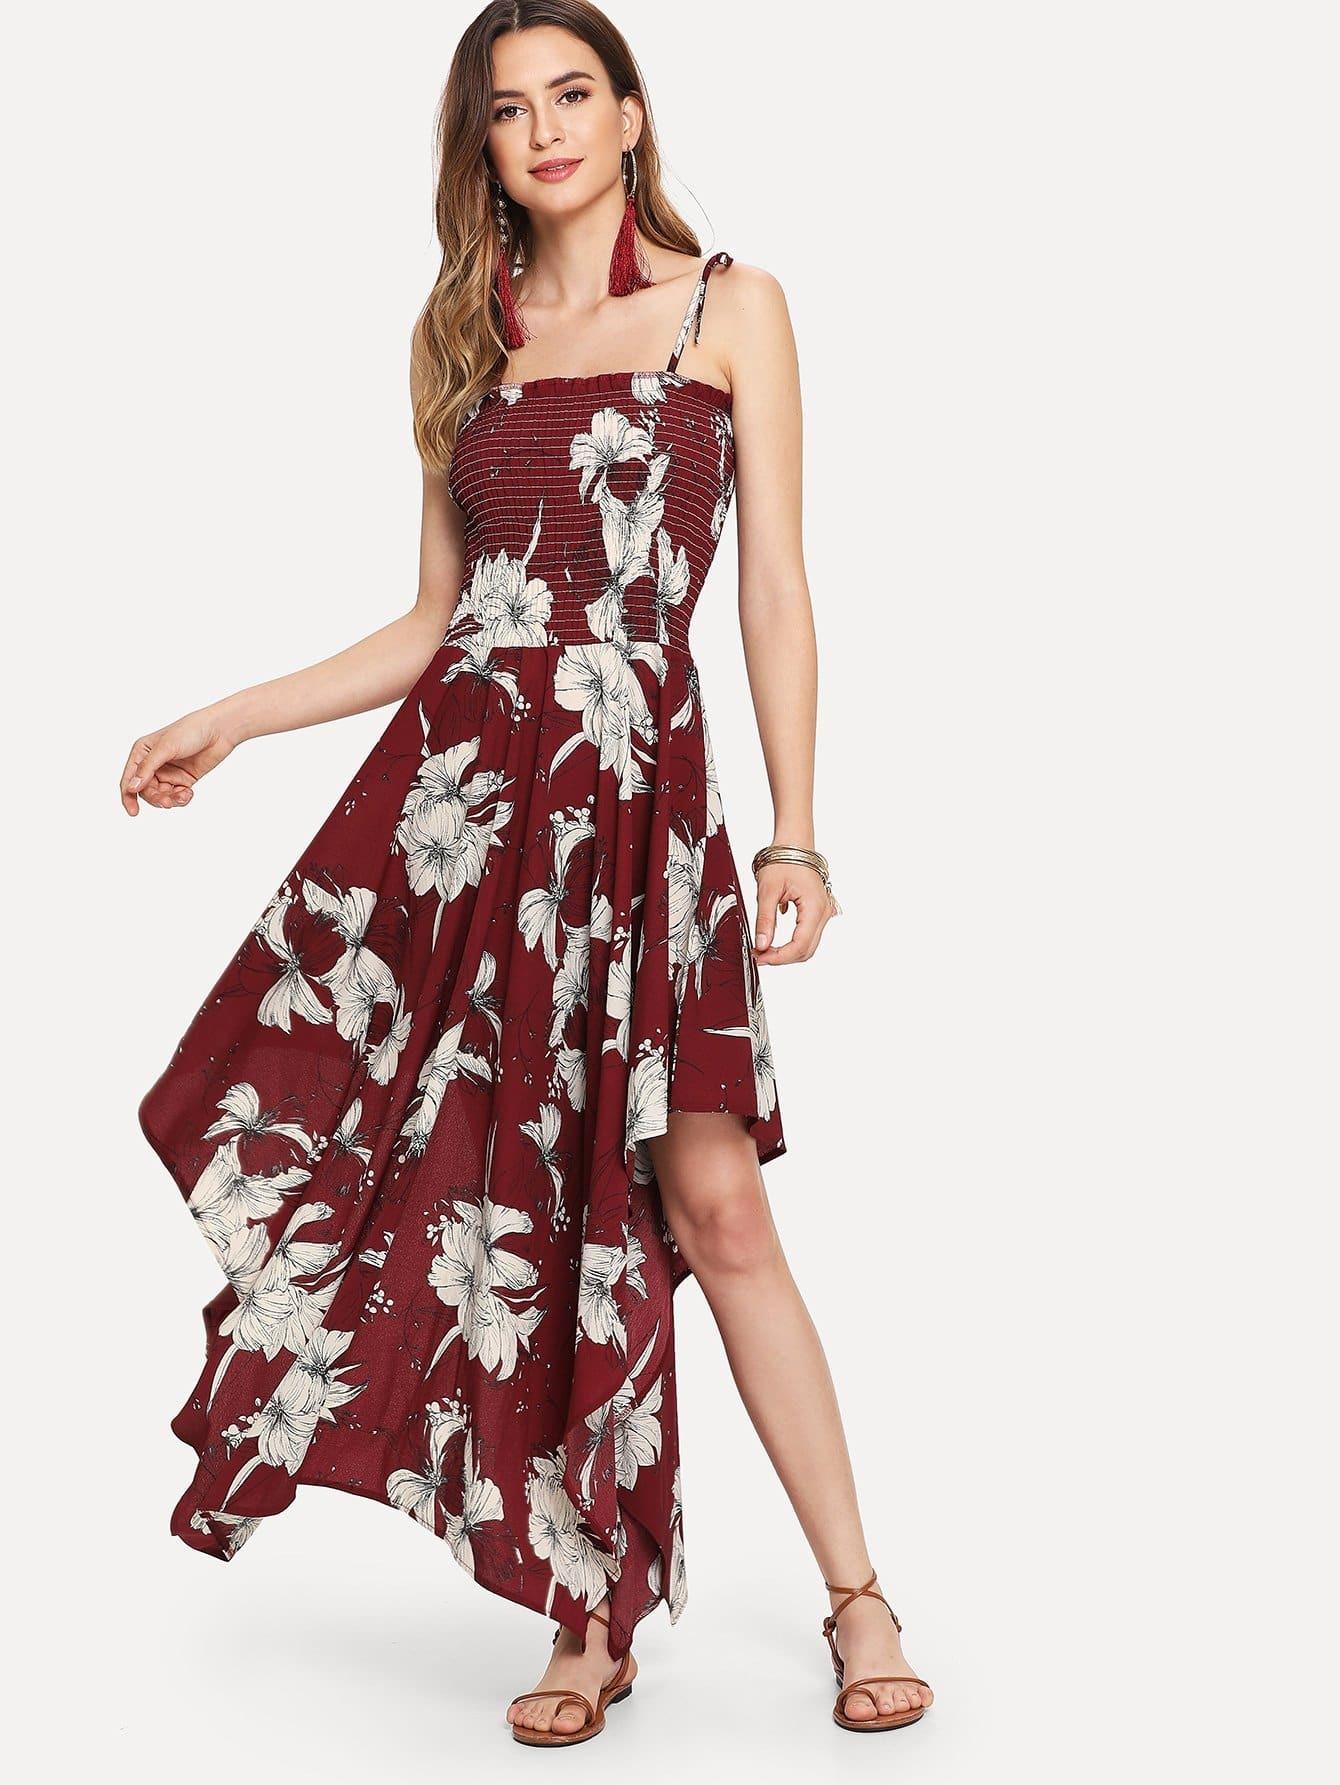 Купить Асимметричное платье из цветной печати Cami, Jana, SheIn